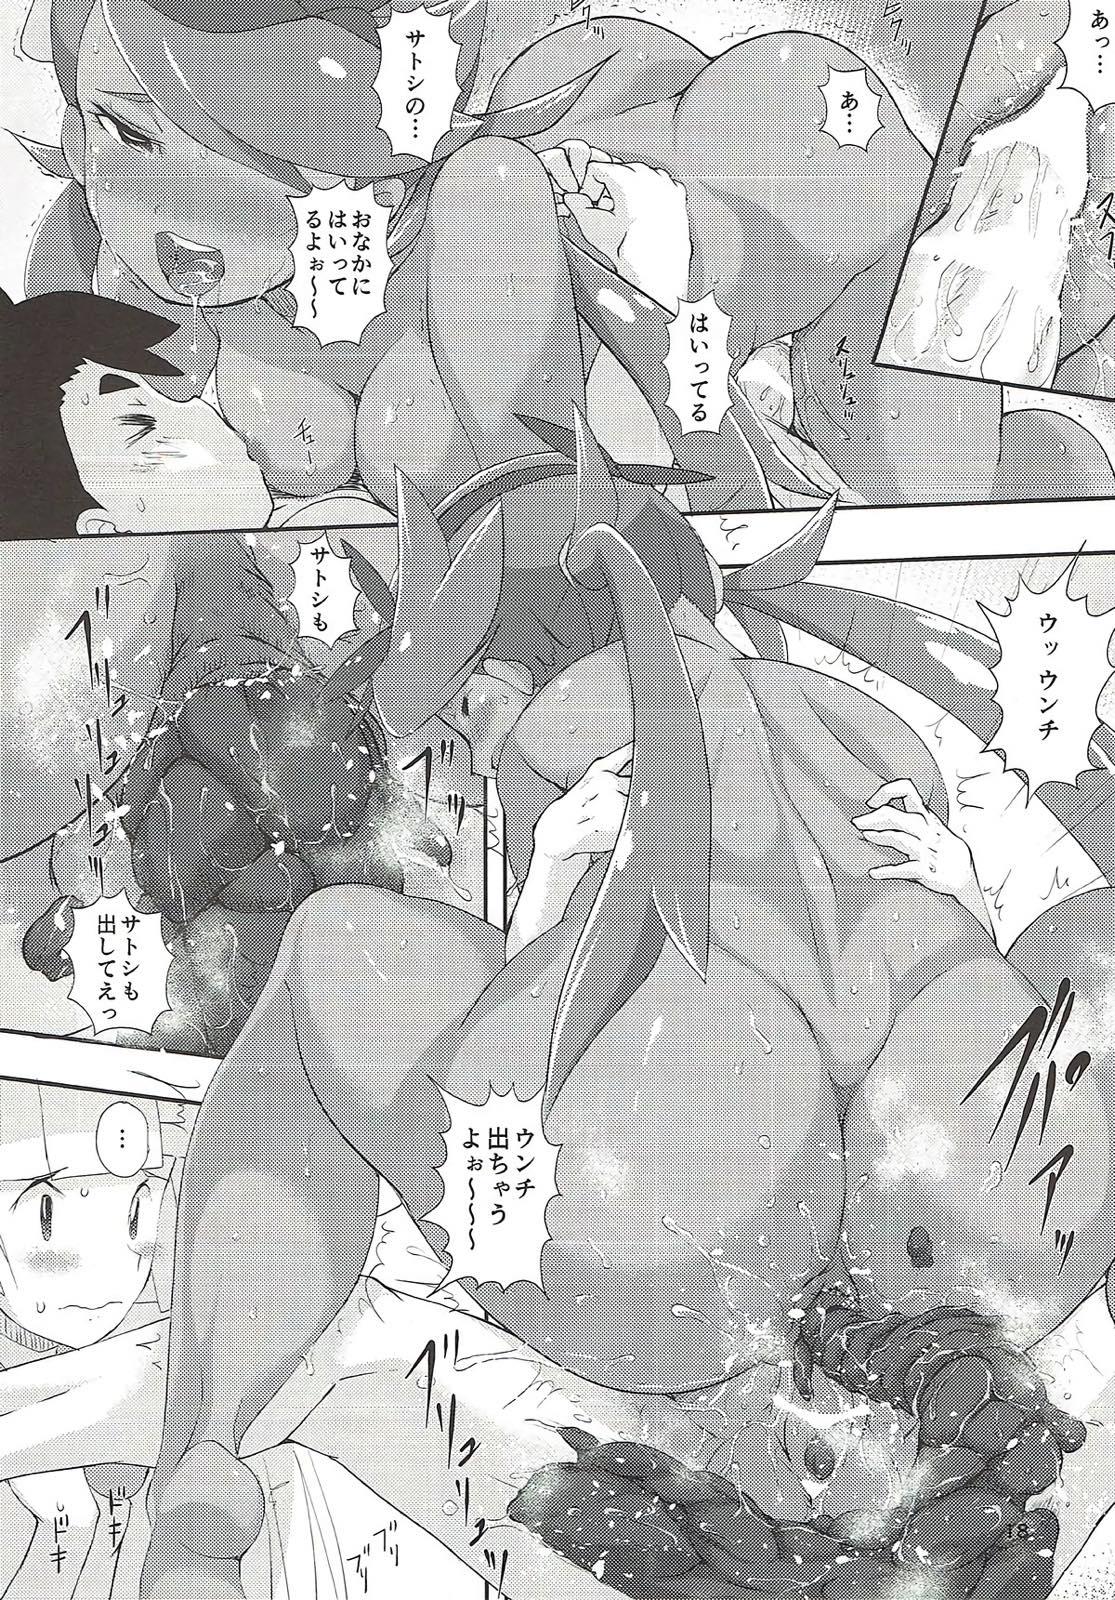 【エロ同人誌】マオ、スイレン、リーリエが糞尿垂れ流しながら乱交セックスwww【ポケットモンスター/C92】